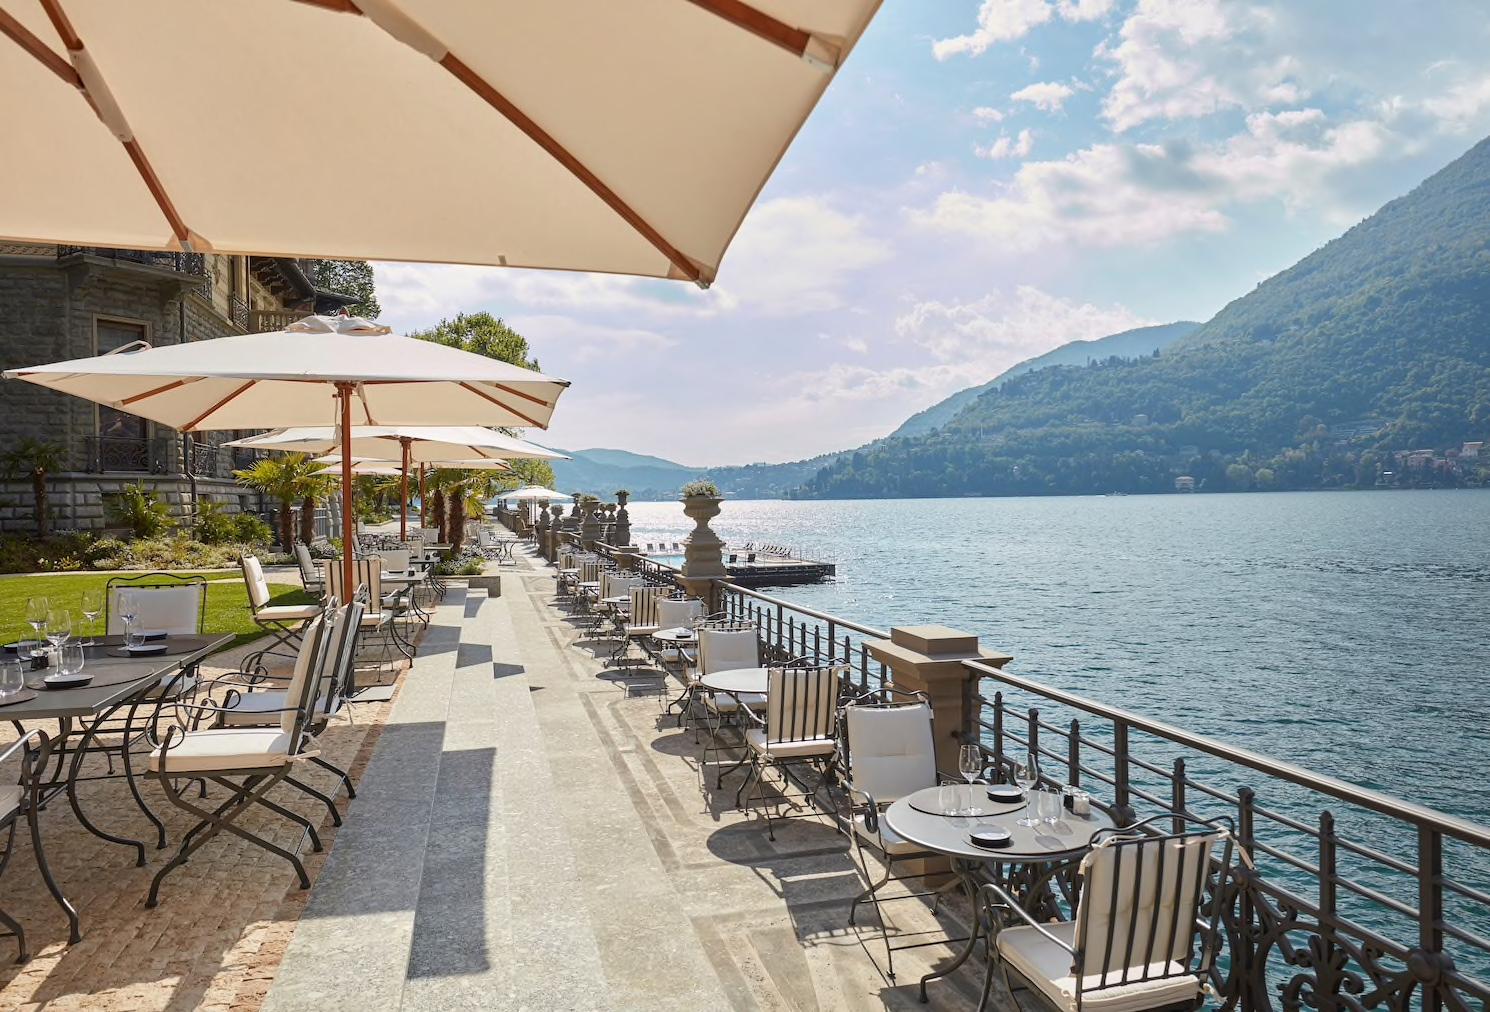 Mandarin Oriental Lago di Como, luna de miel en Italia, Los hoteles más lujosos de Italia - Wedding Hub - 08